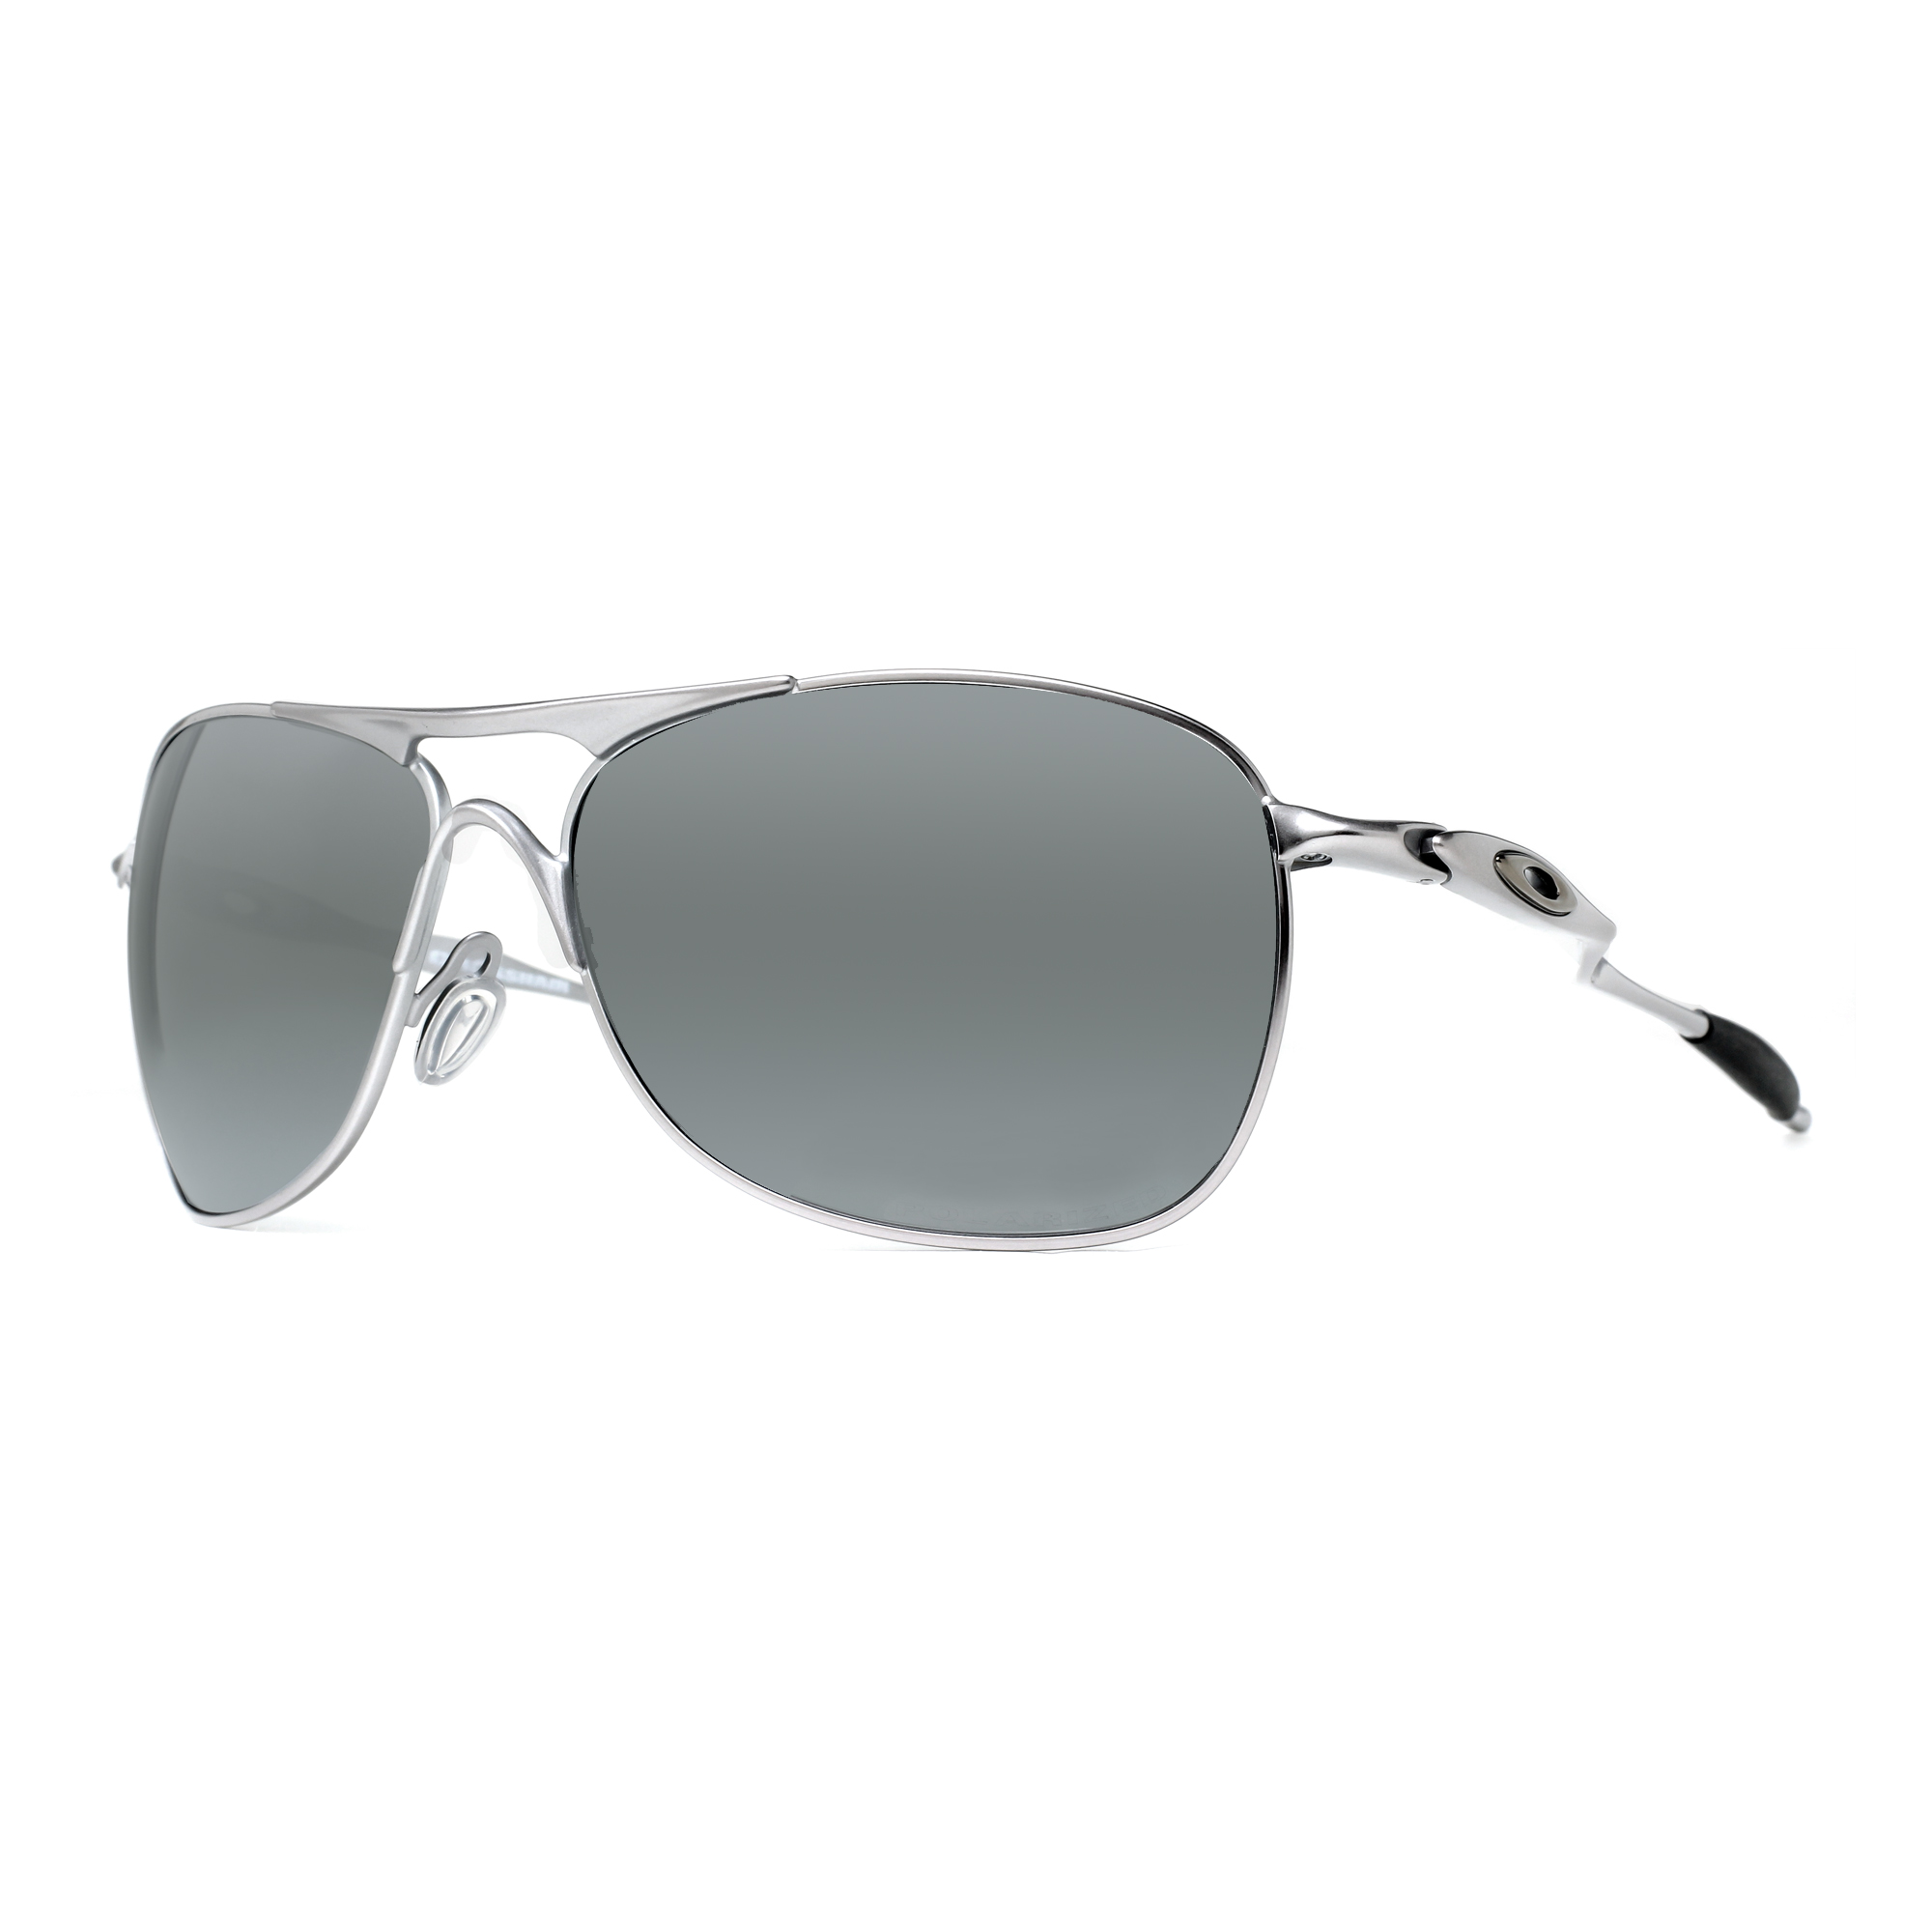 172d112bb0 Oakley Crosshair Lead Black Polarised Sunglasses « Heritage Malta